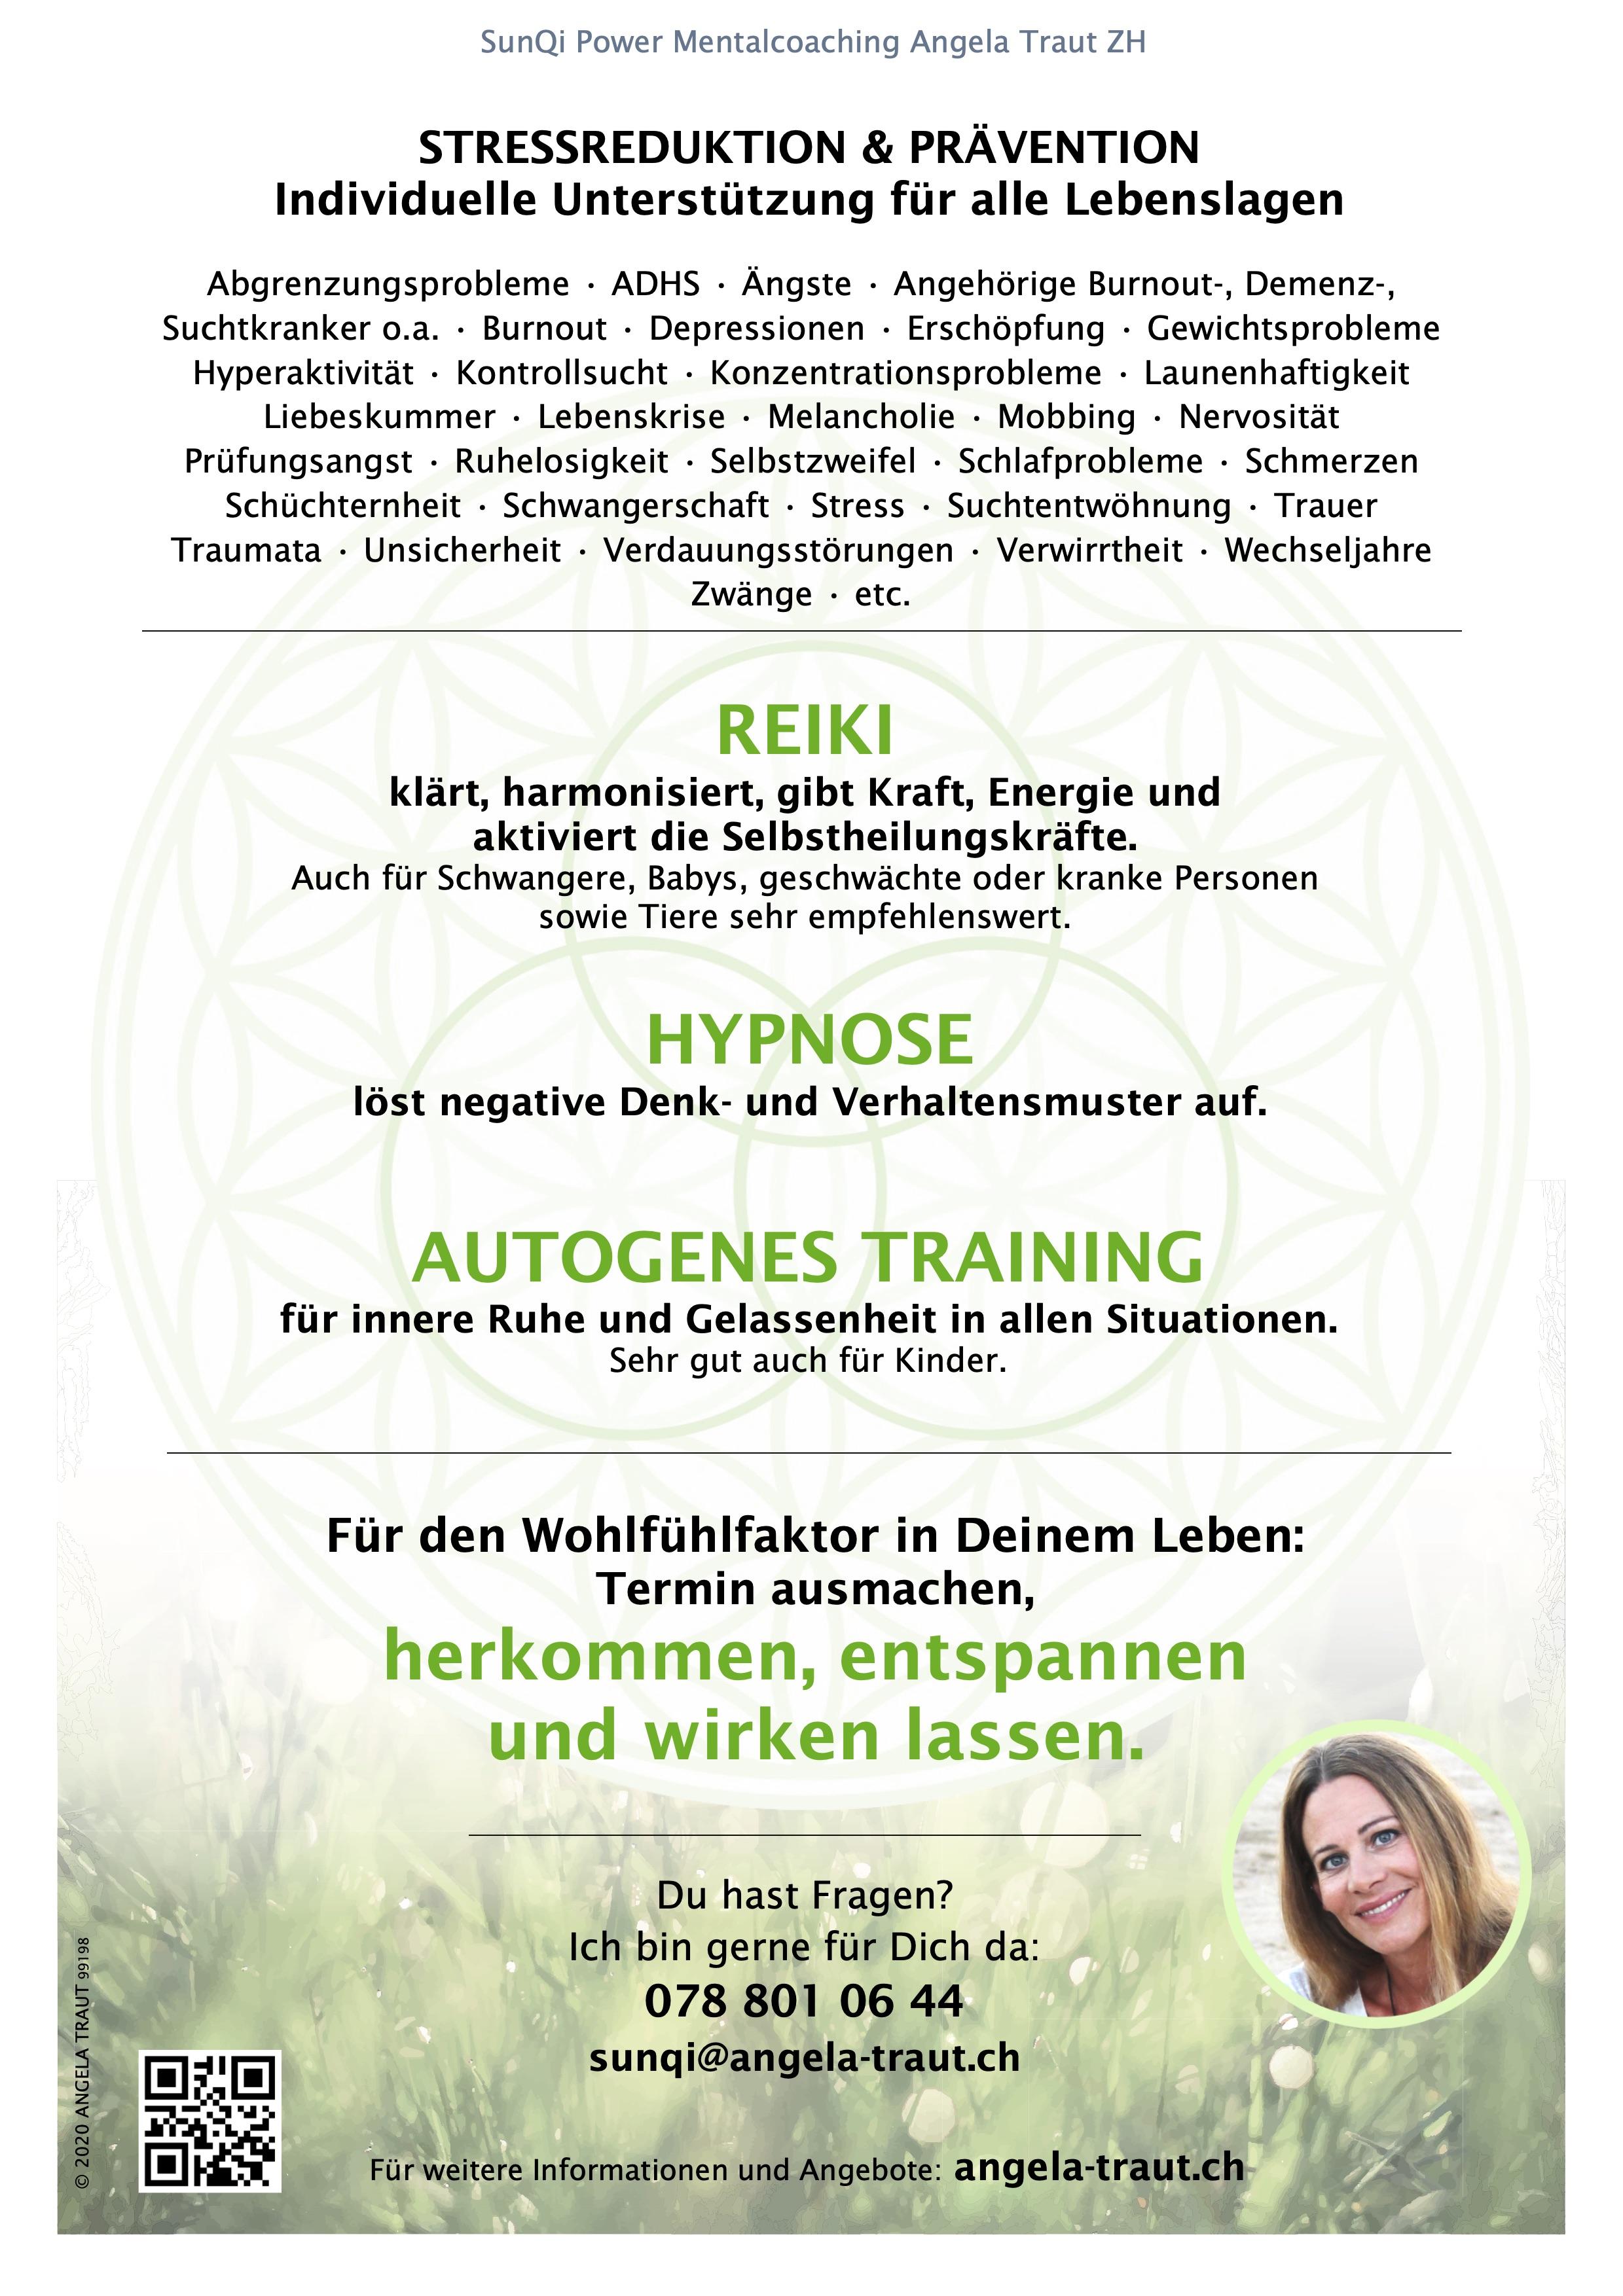 Müde, angespannt, unausgeglichen, kraftlos? #Auftanken # Gleichgewicht #Reiki #AT #Hypnose #AngelaTraut #ChillACTion